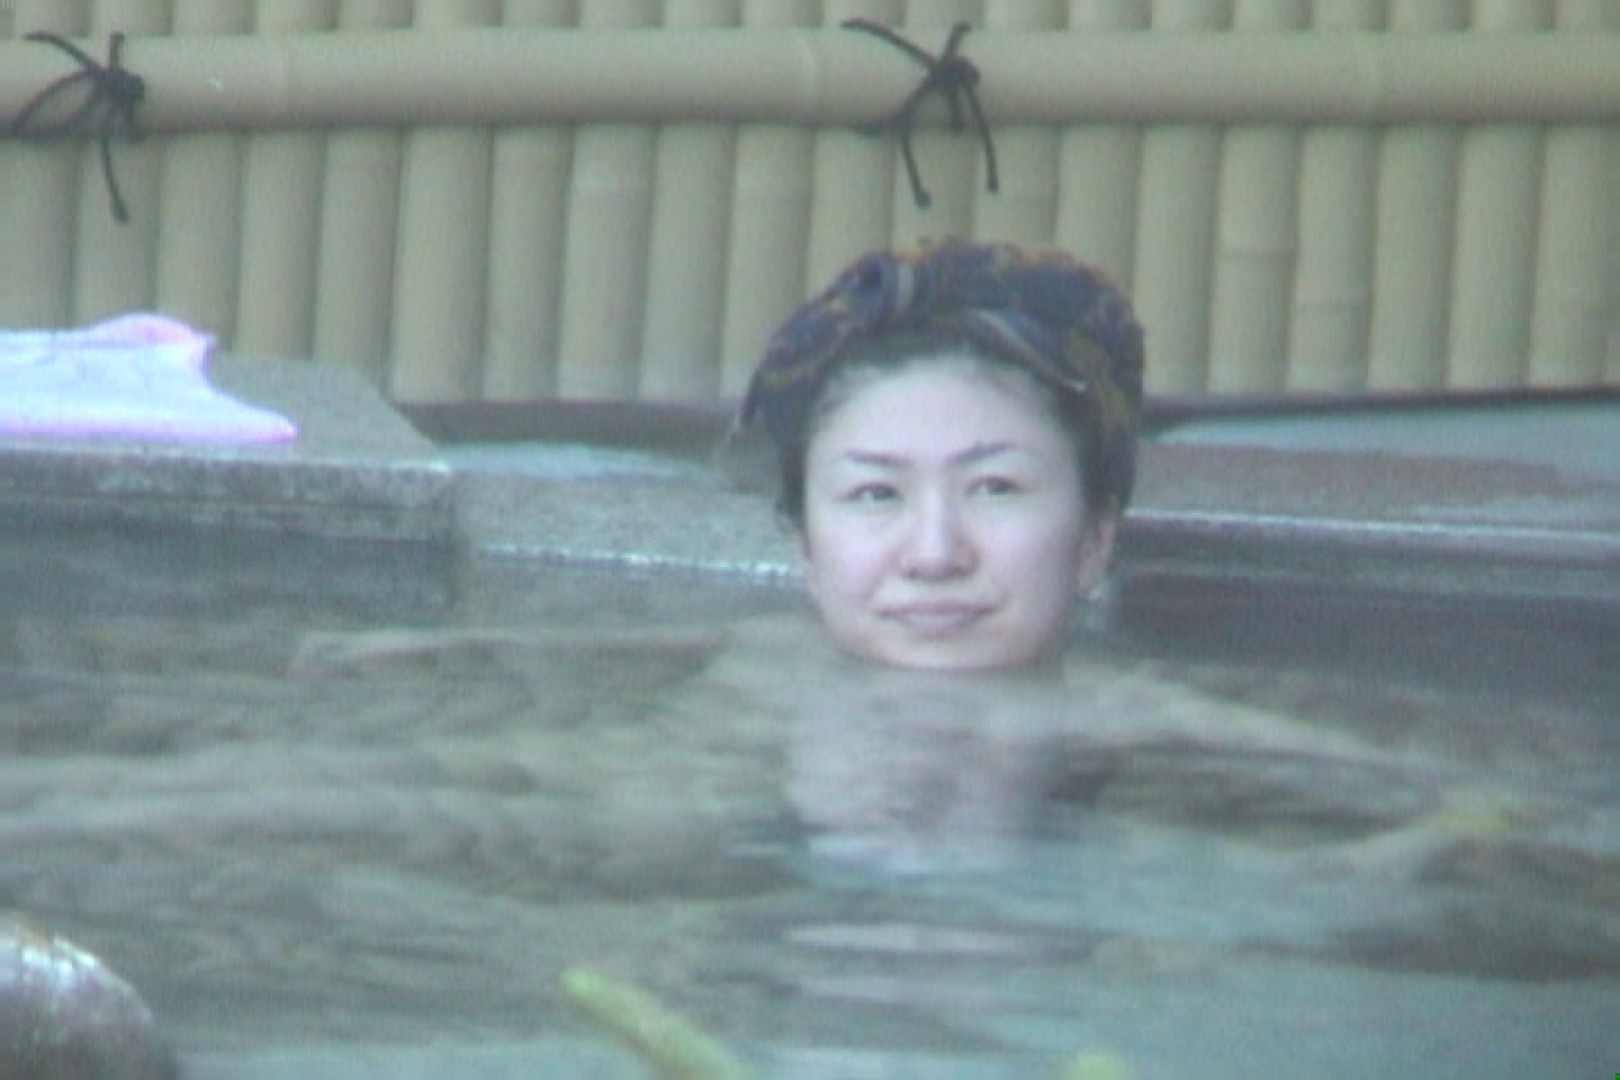 Aquaな露天風呂Vol.607 盗撮シリーズ  107PIX 6